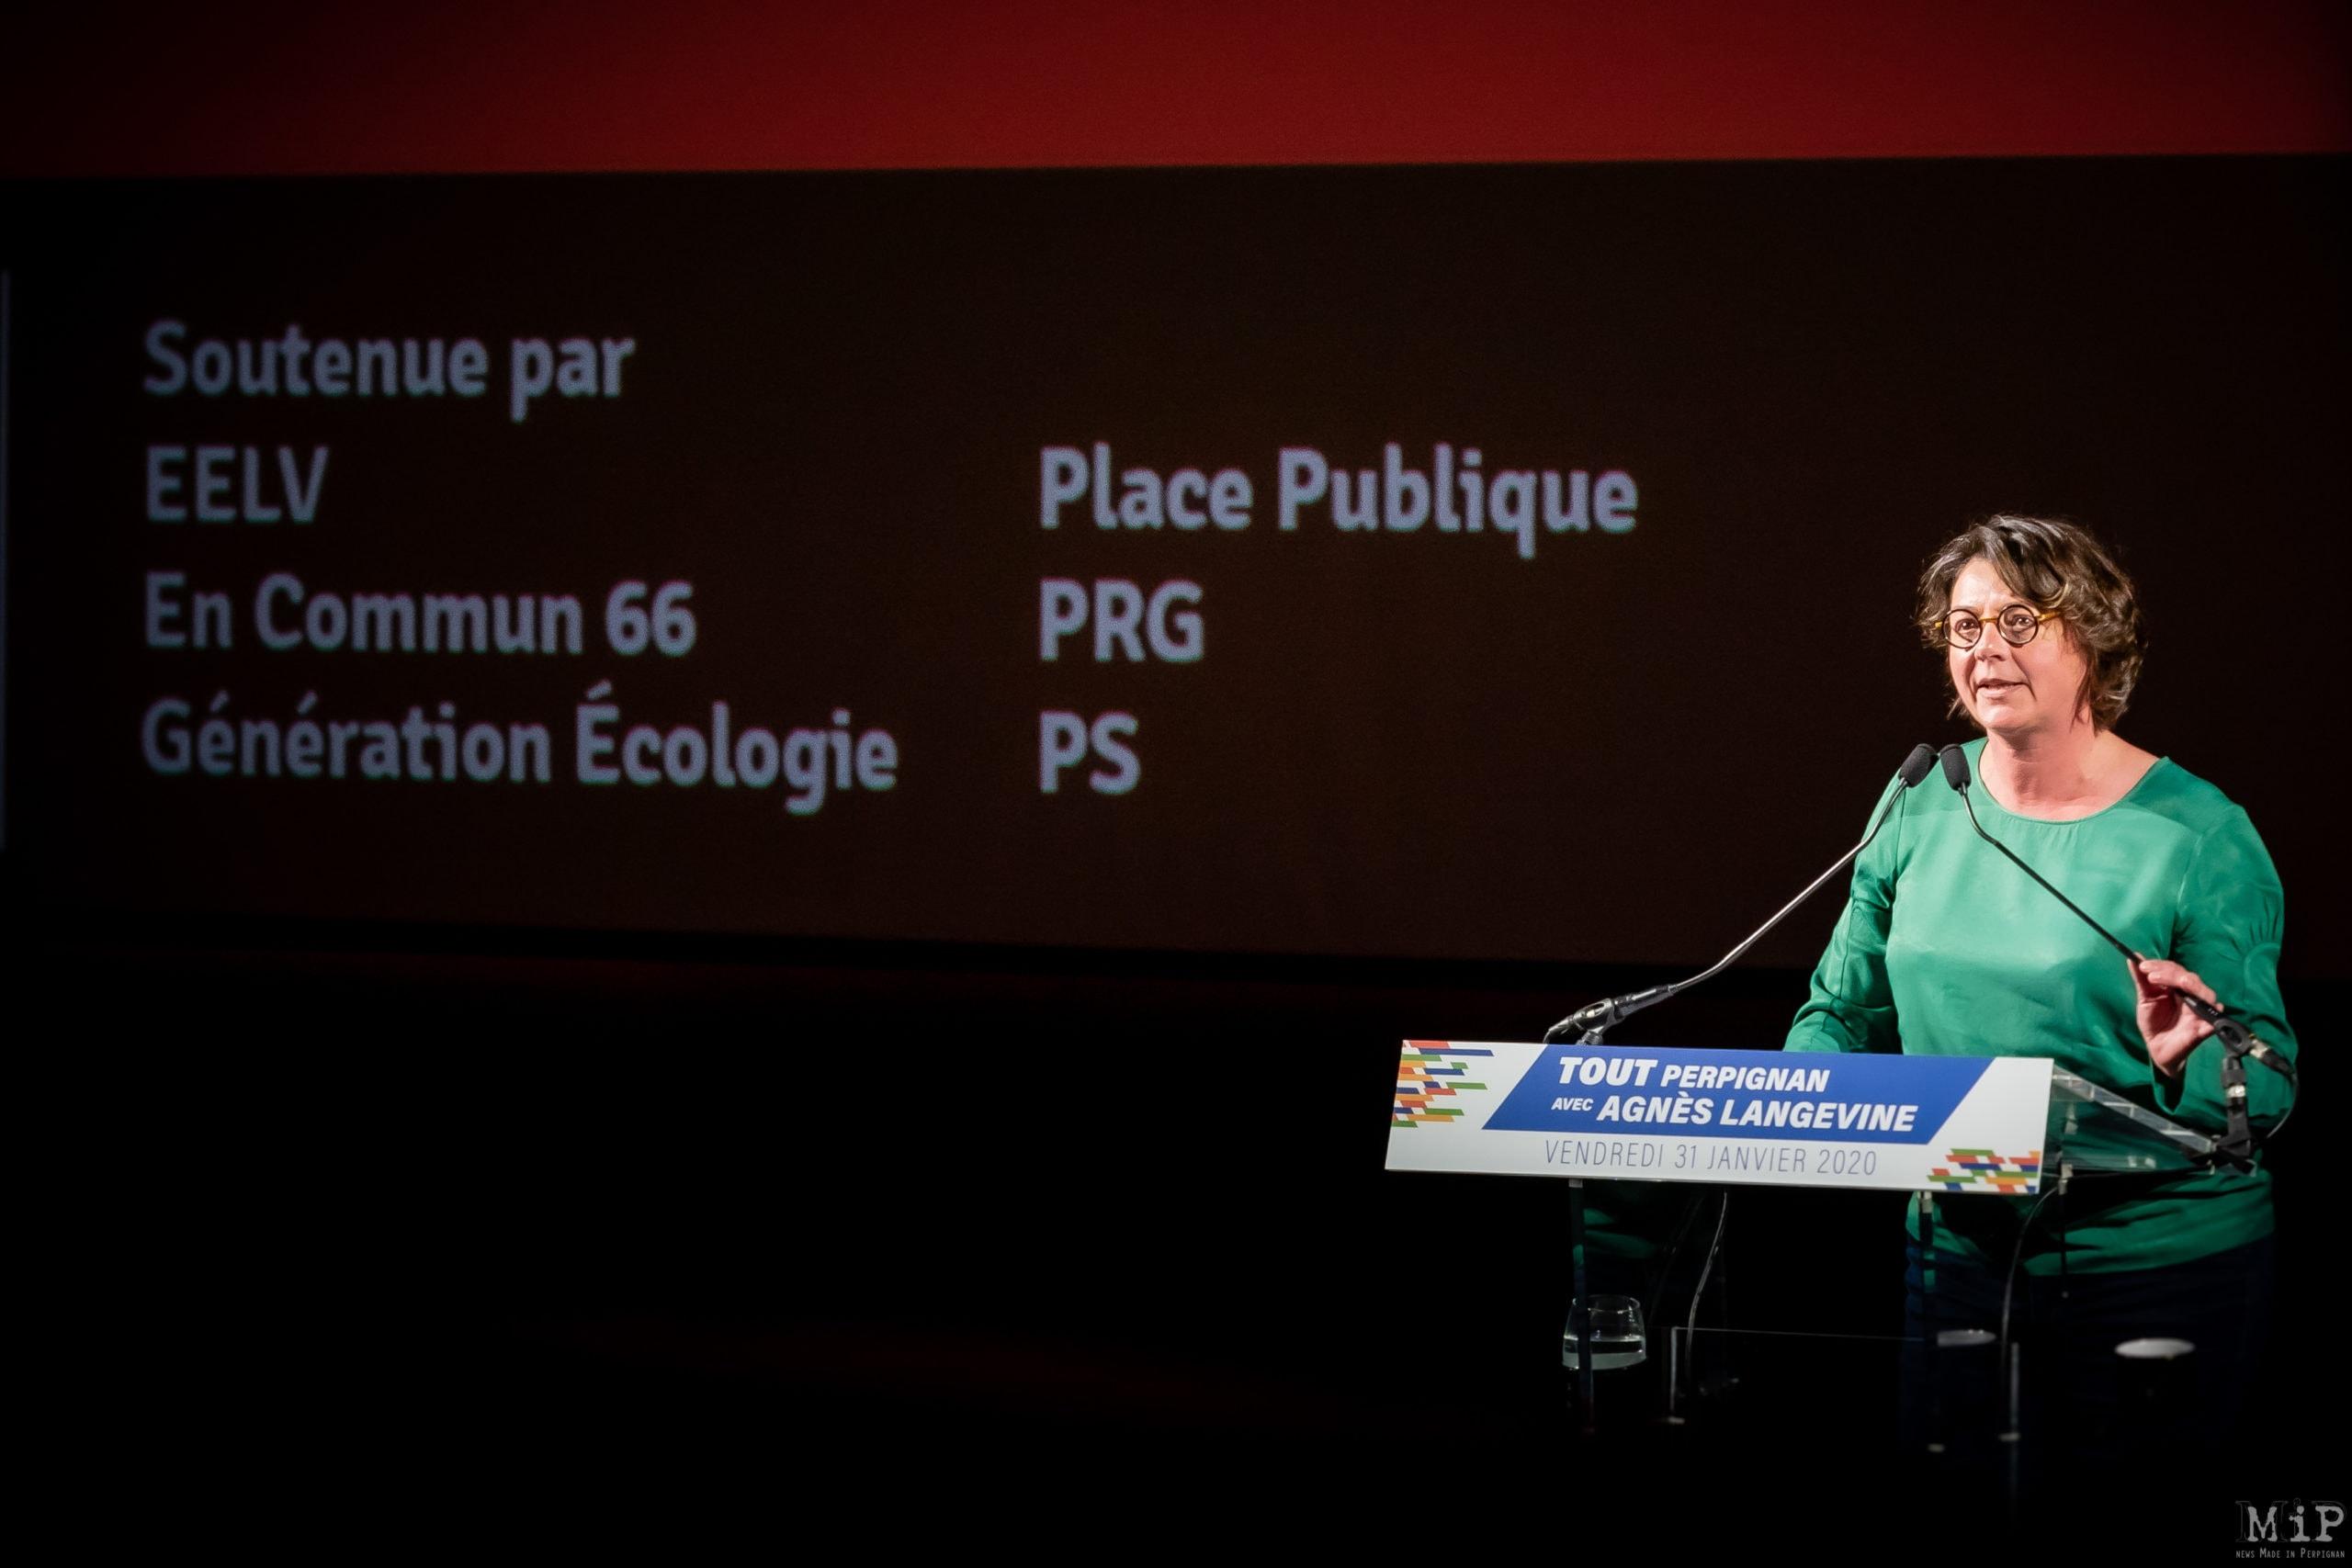 ARCHIVES 31/01/2020 Perpignan, France, Agnès Langevine meeting campagne municipales Perpignan EELV Europe Ecologie Les Verts © Arnaud Le Vu / MiP / APM